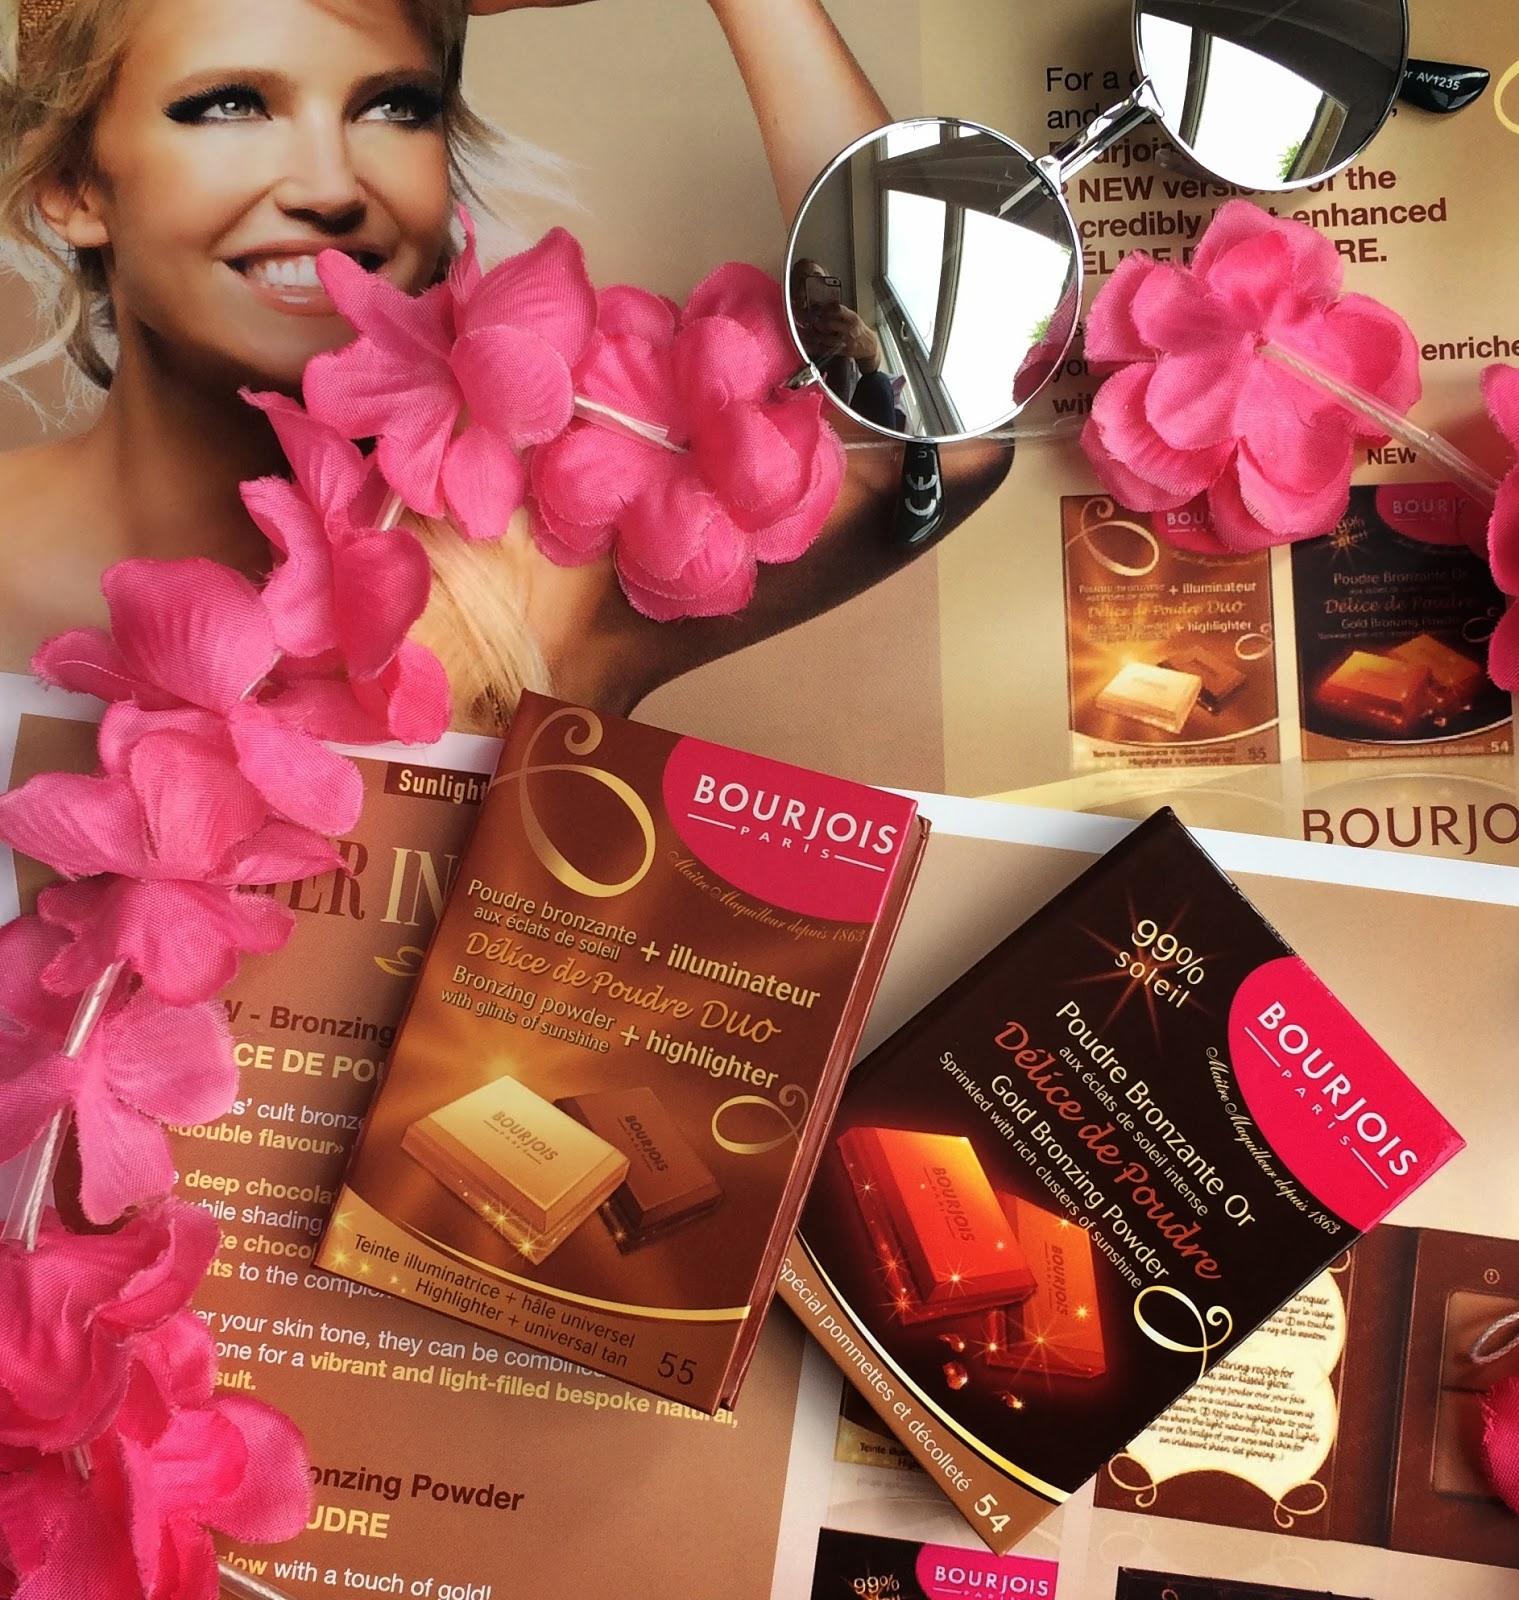 Delice-De-Poudre-Duo-delice-de-poudre-gold-bronzing-powder-bourjois-review